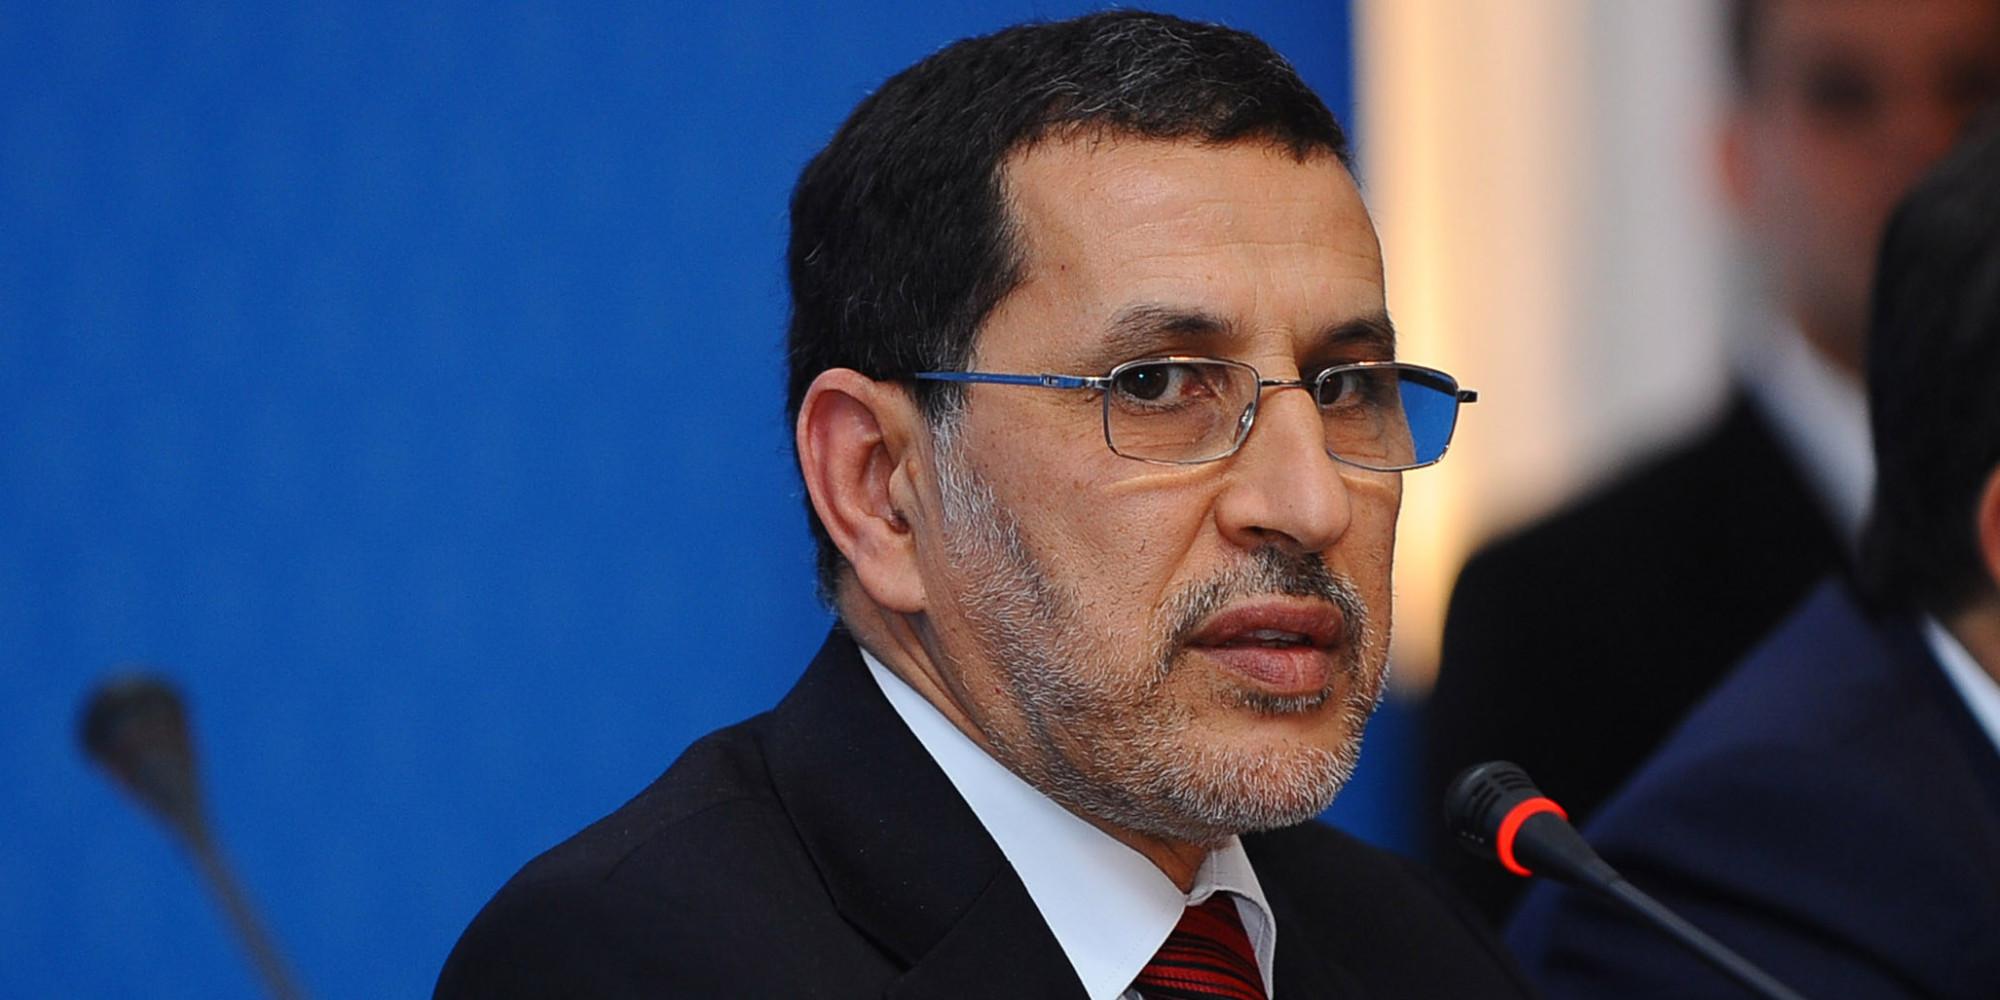 برلماني من البيجيدي أمام قاضي التحقيق بتهمة التزوير